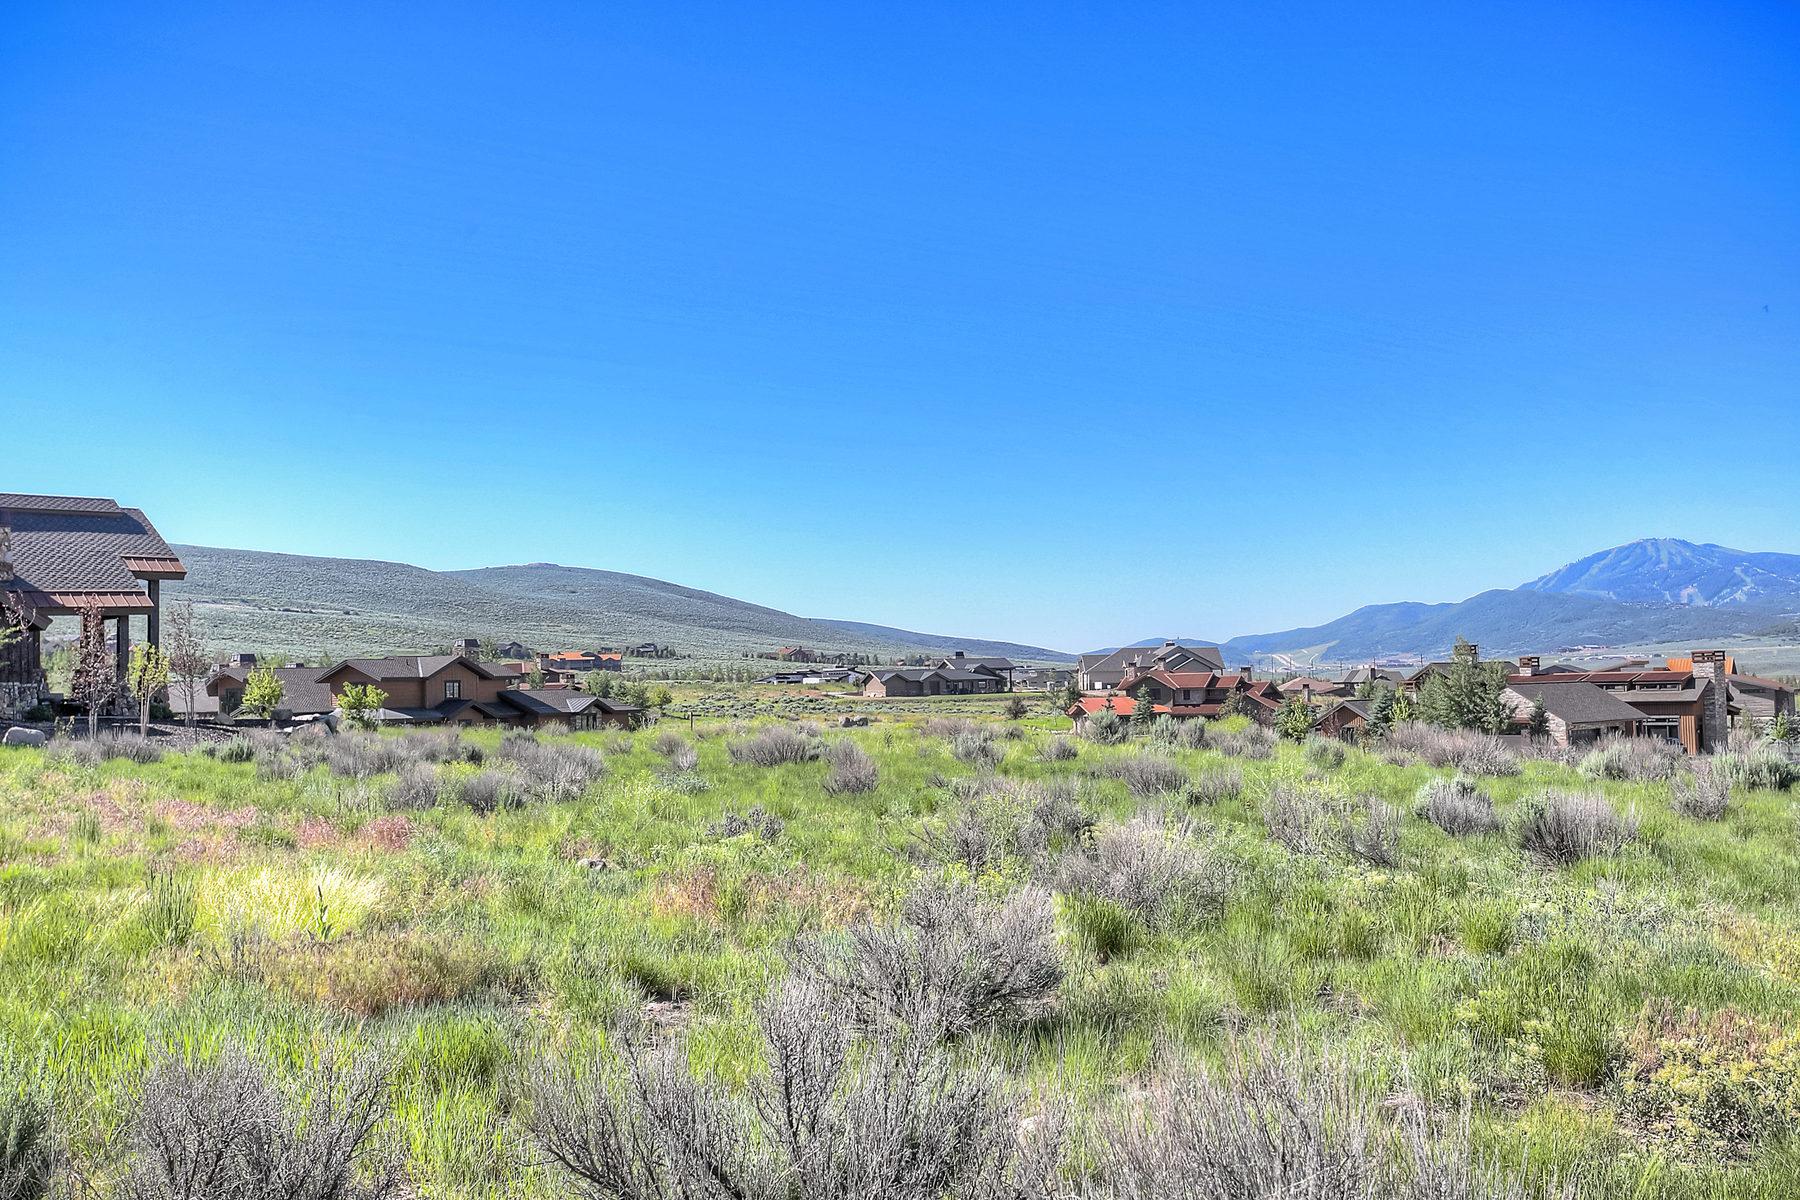 Частный односемейный дом для того Продажа на Mountain Modern Masterpiece 2302 Palomino Trail Park City, Юта 84098 Соединенные Штаты